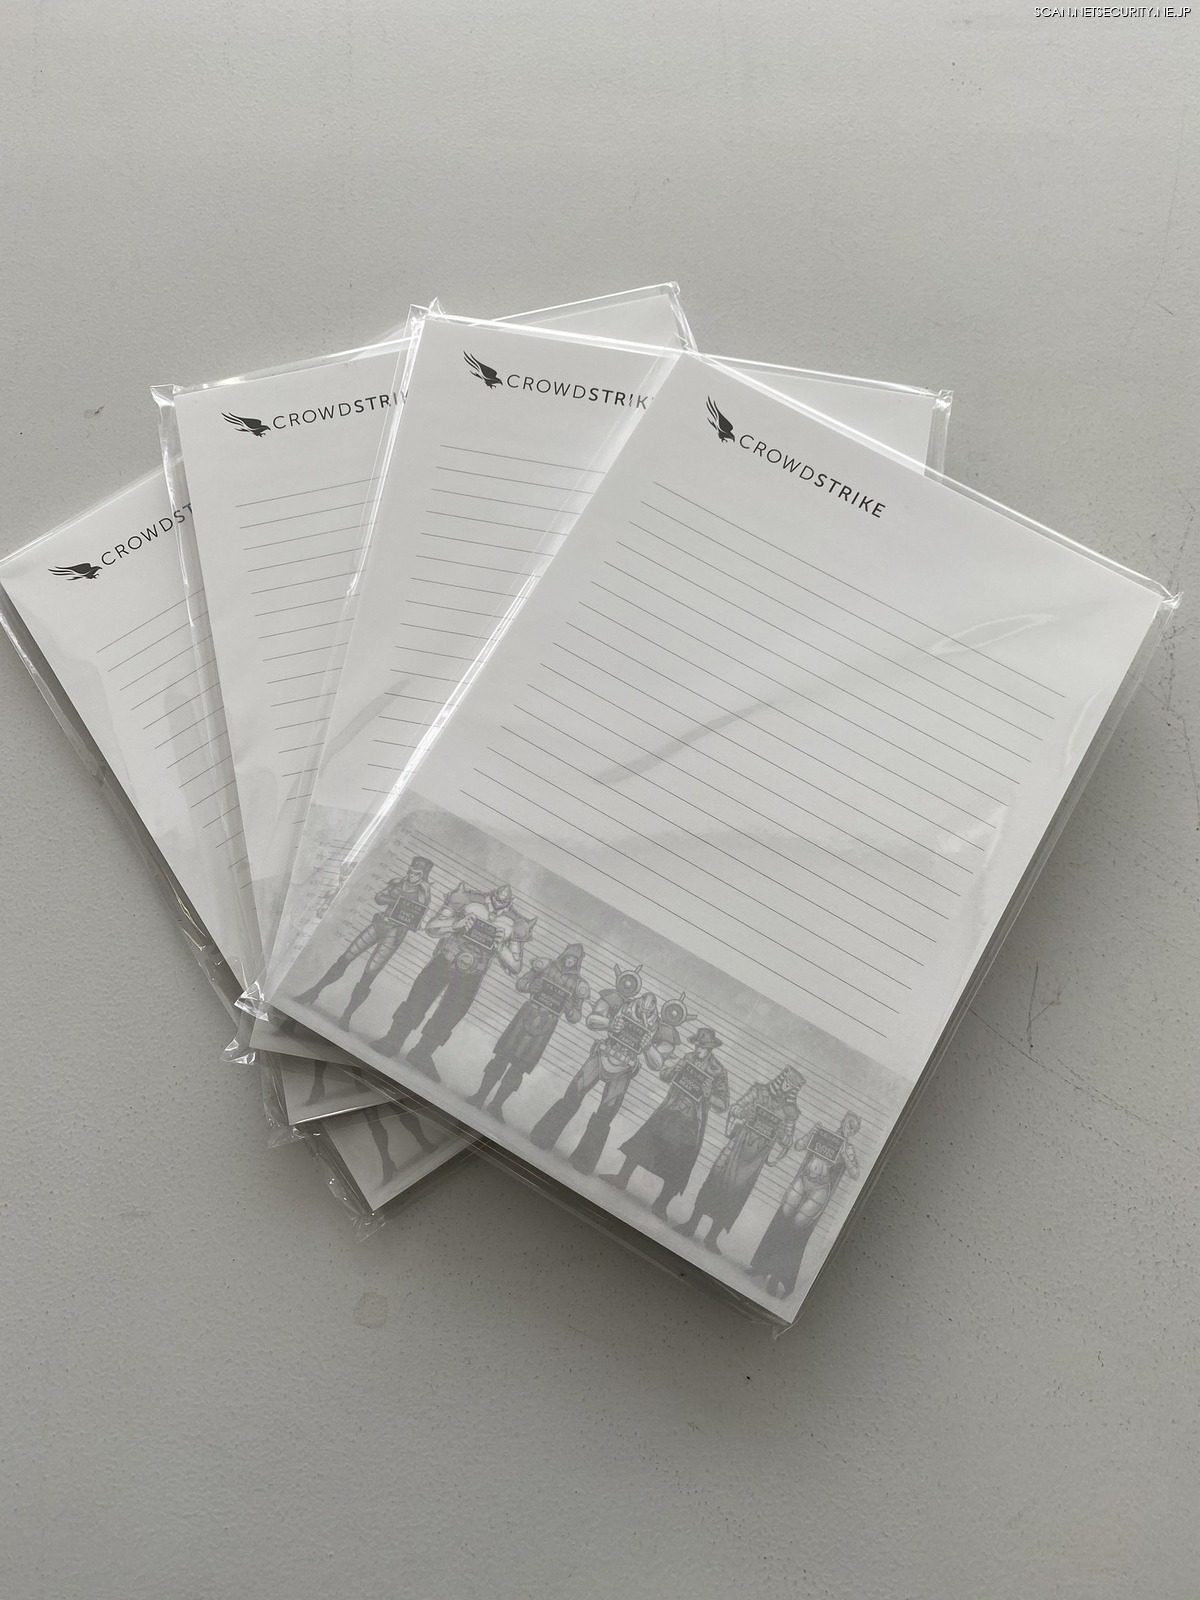 クラウドストライク社メモパッド(10冊)